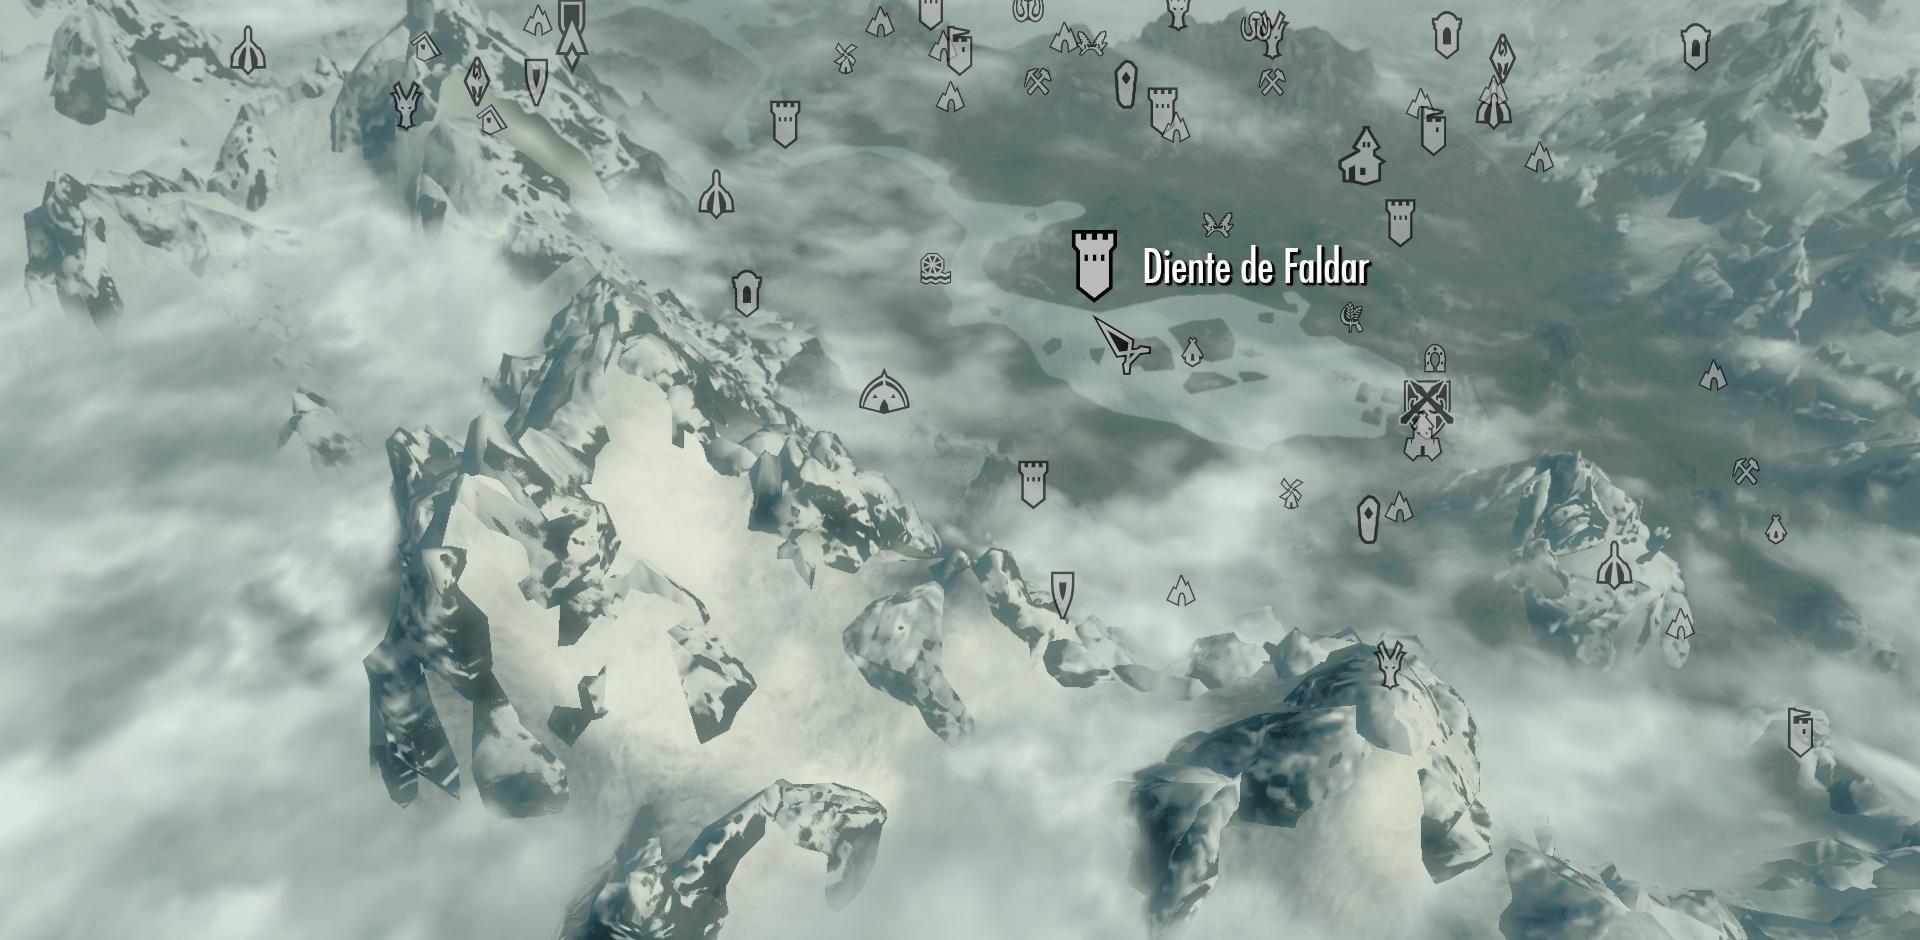 Diente de Faldar (Skyrim)